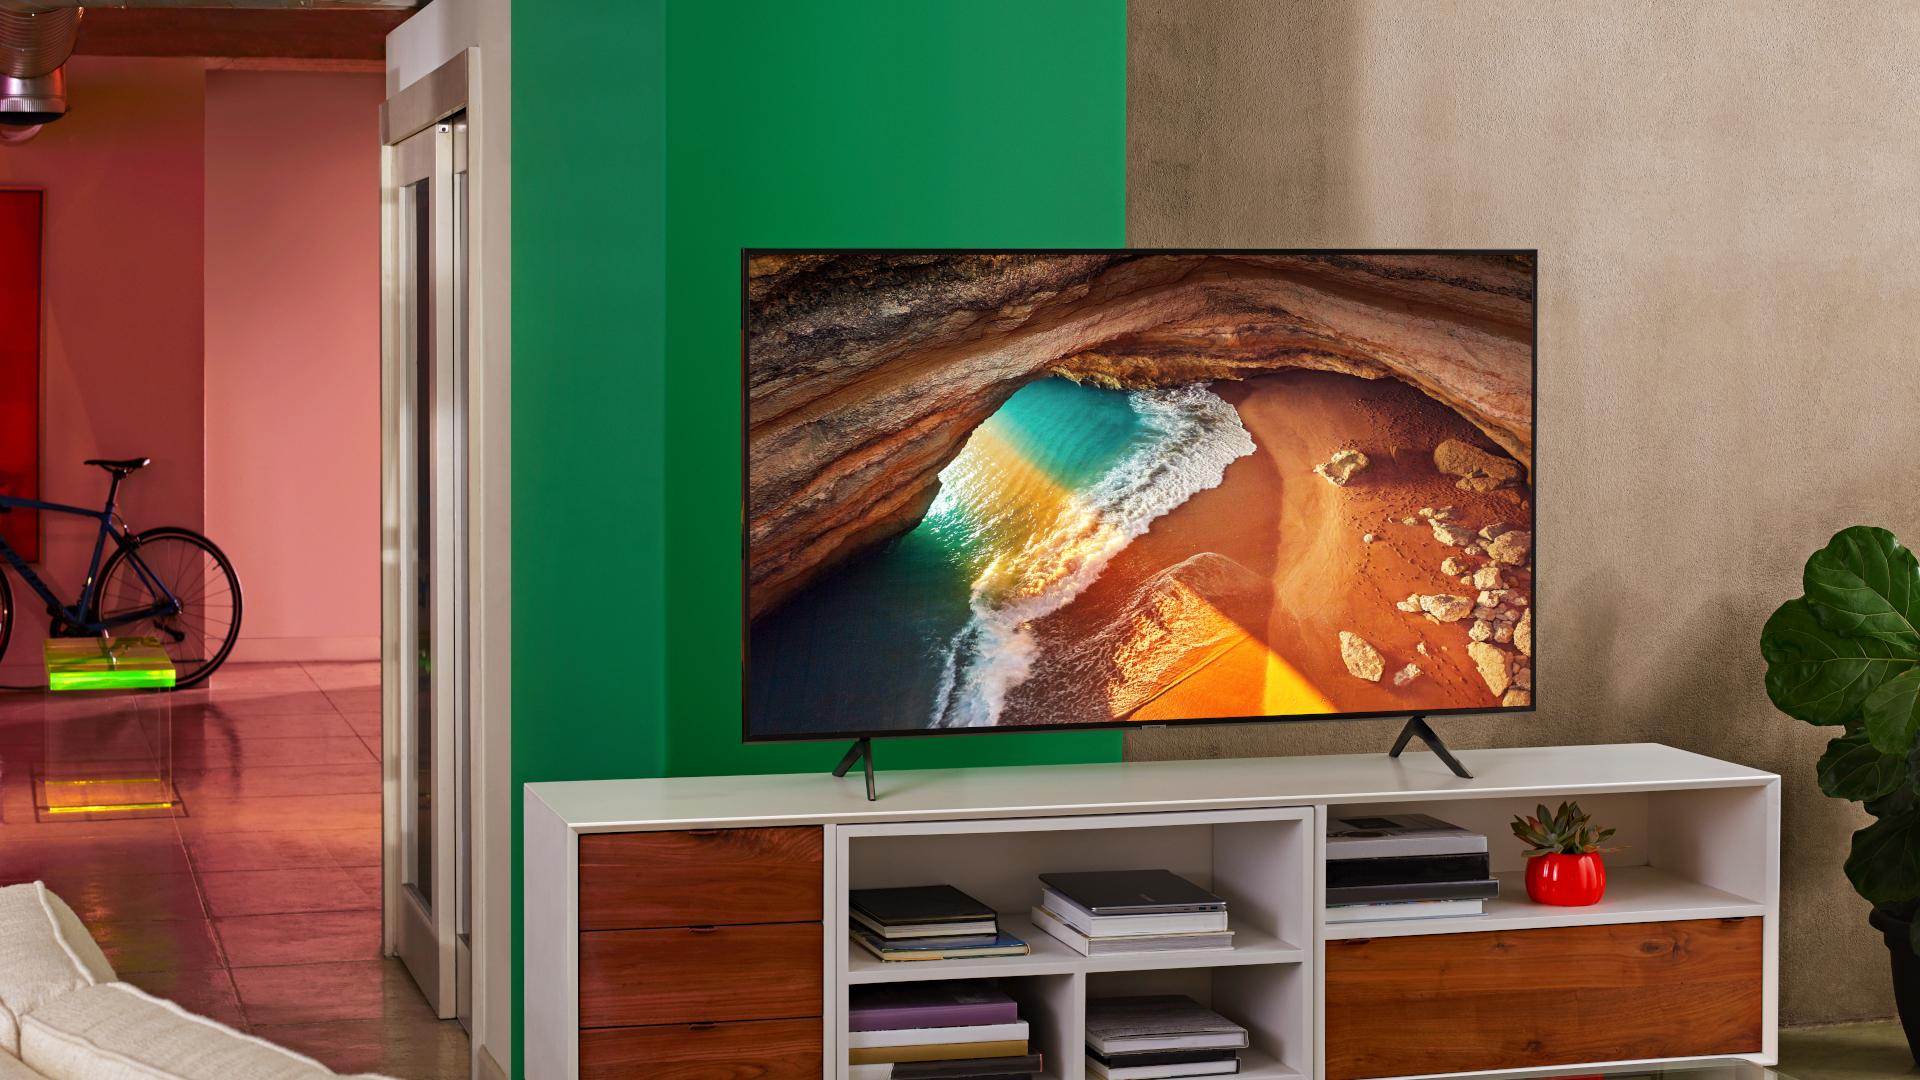 Рейтинг лучших телевизоров на 75 дюймов на 2021 год